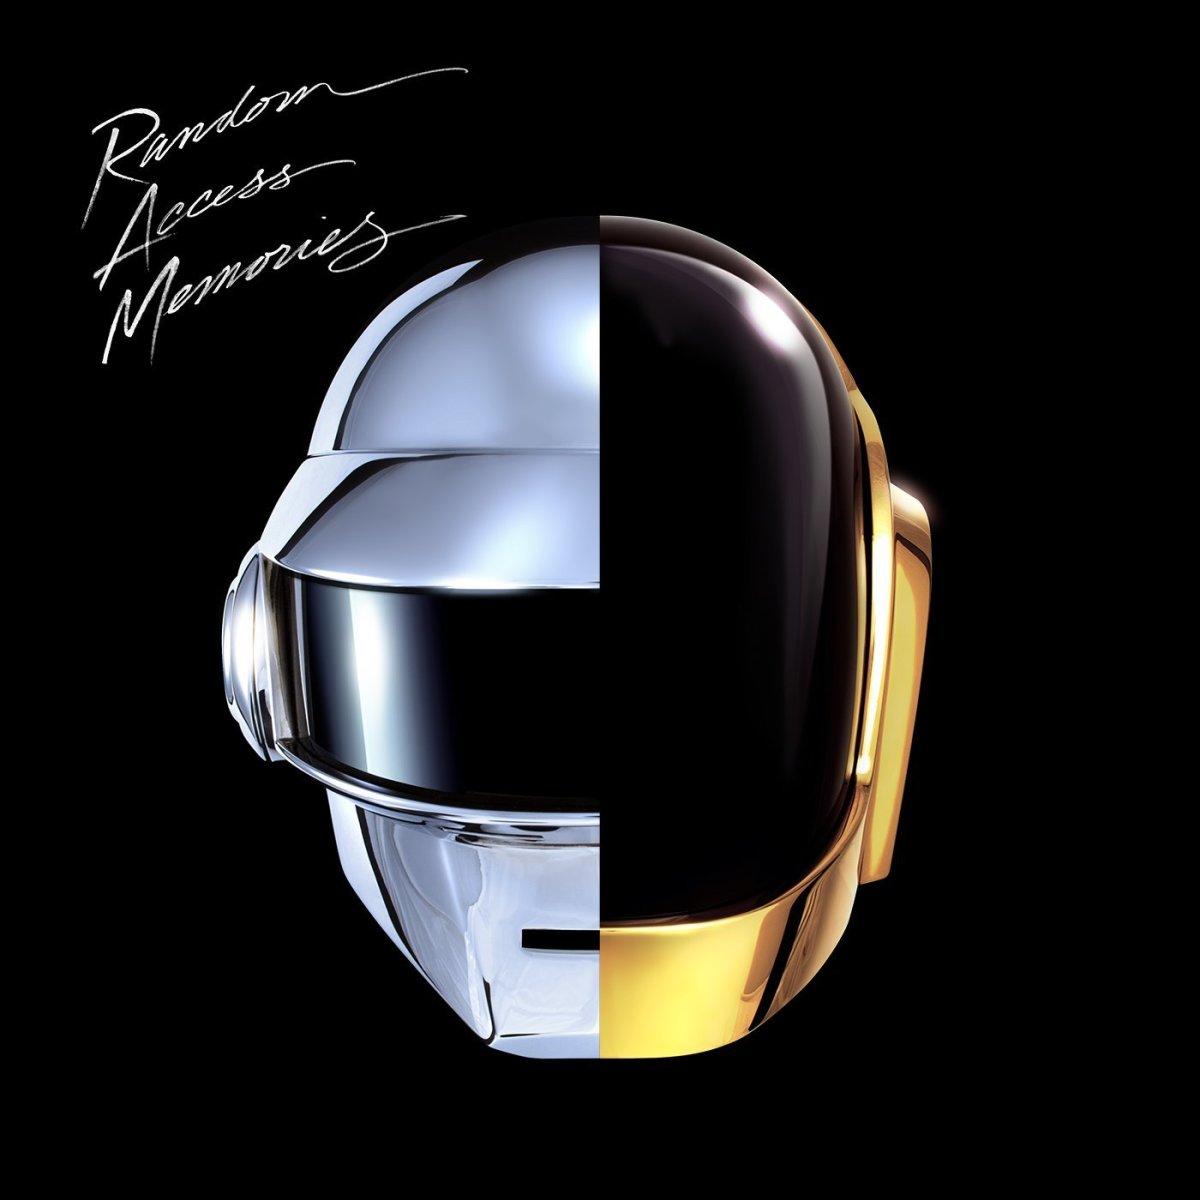 The cover of Daft Punk's new album, 'Random Access Memories'